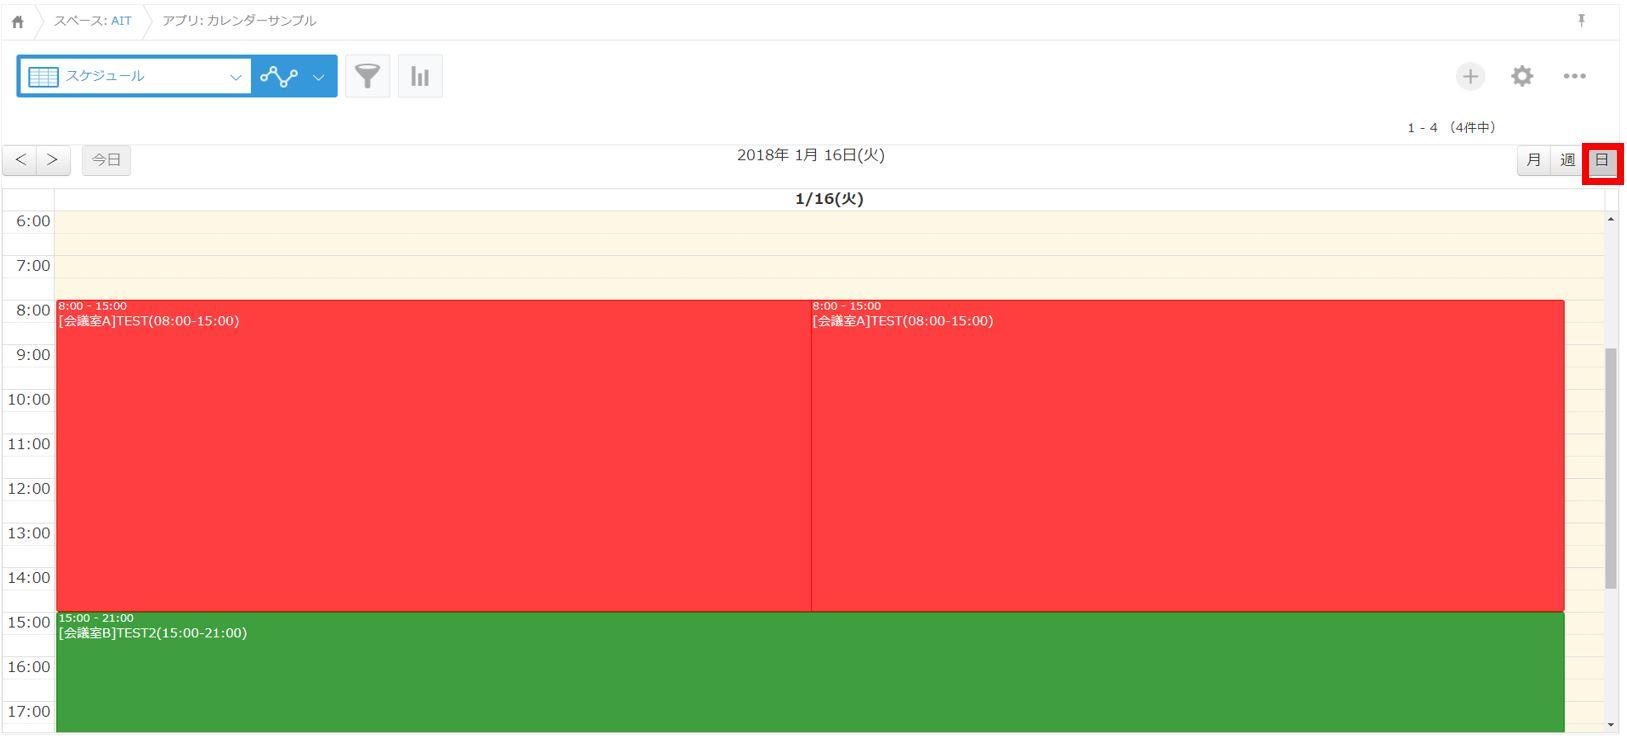 kintoneカレンダー形式日別表示(無償プラグイン)